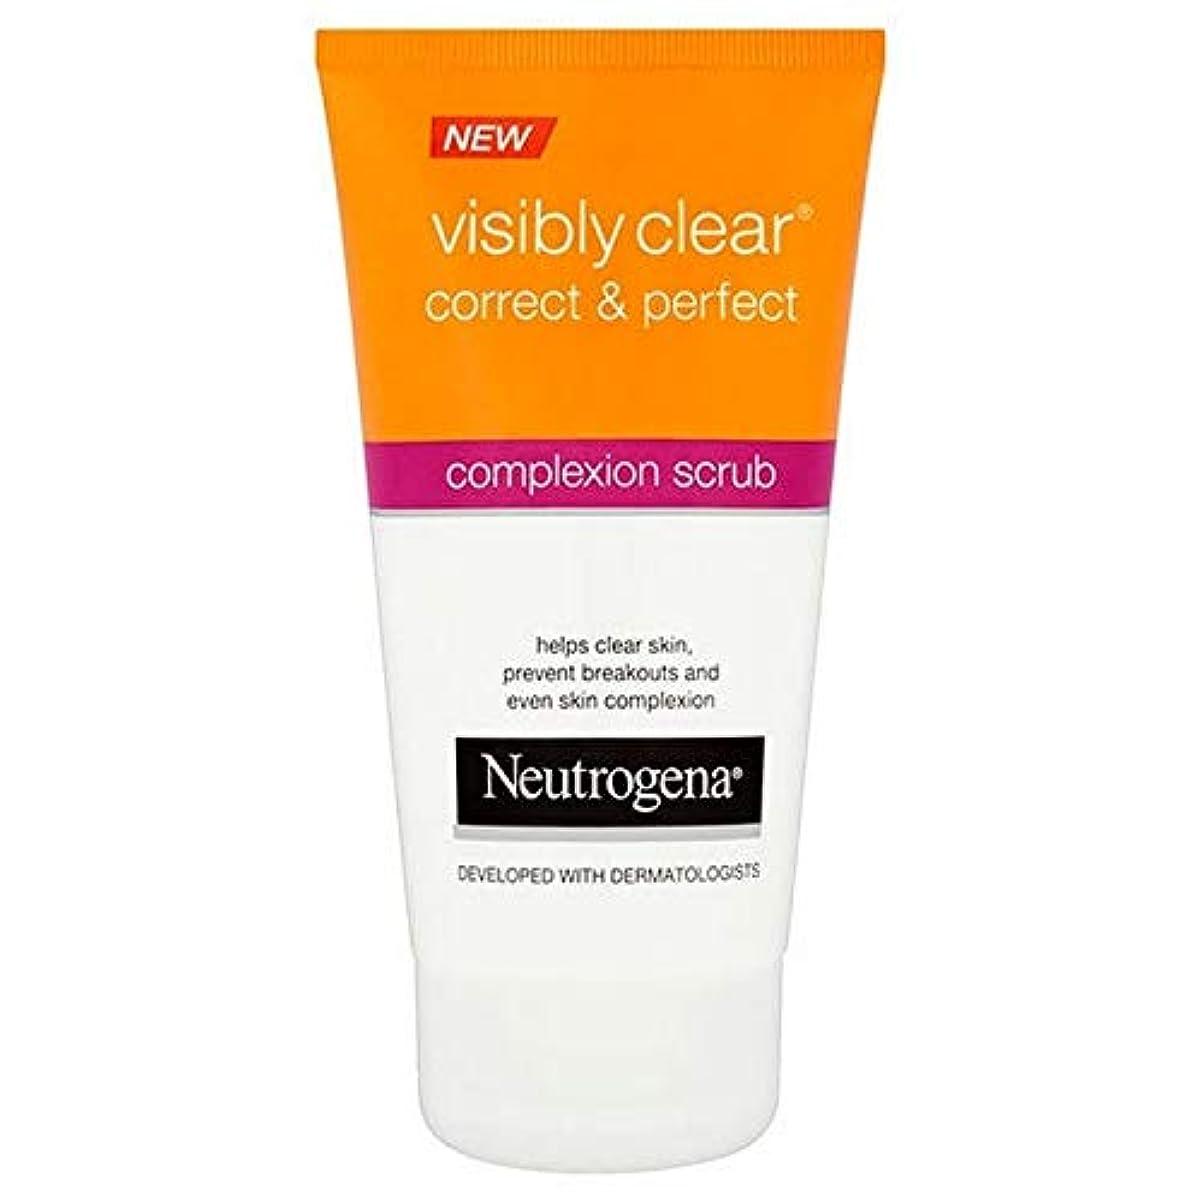 憤る金曜日誓約[Neutrogena] ニュートロジーナ目に見えて明らかに正しいと完璧な顔色スクラブ - Neutrogena Visibly Clear Correct & Perfect Complexion Scrub [並行輸入品]